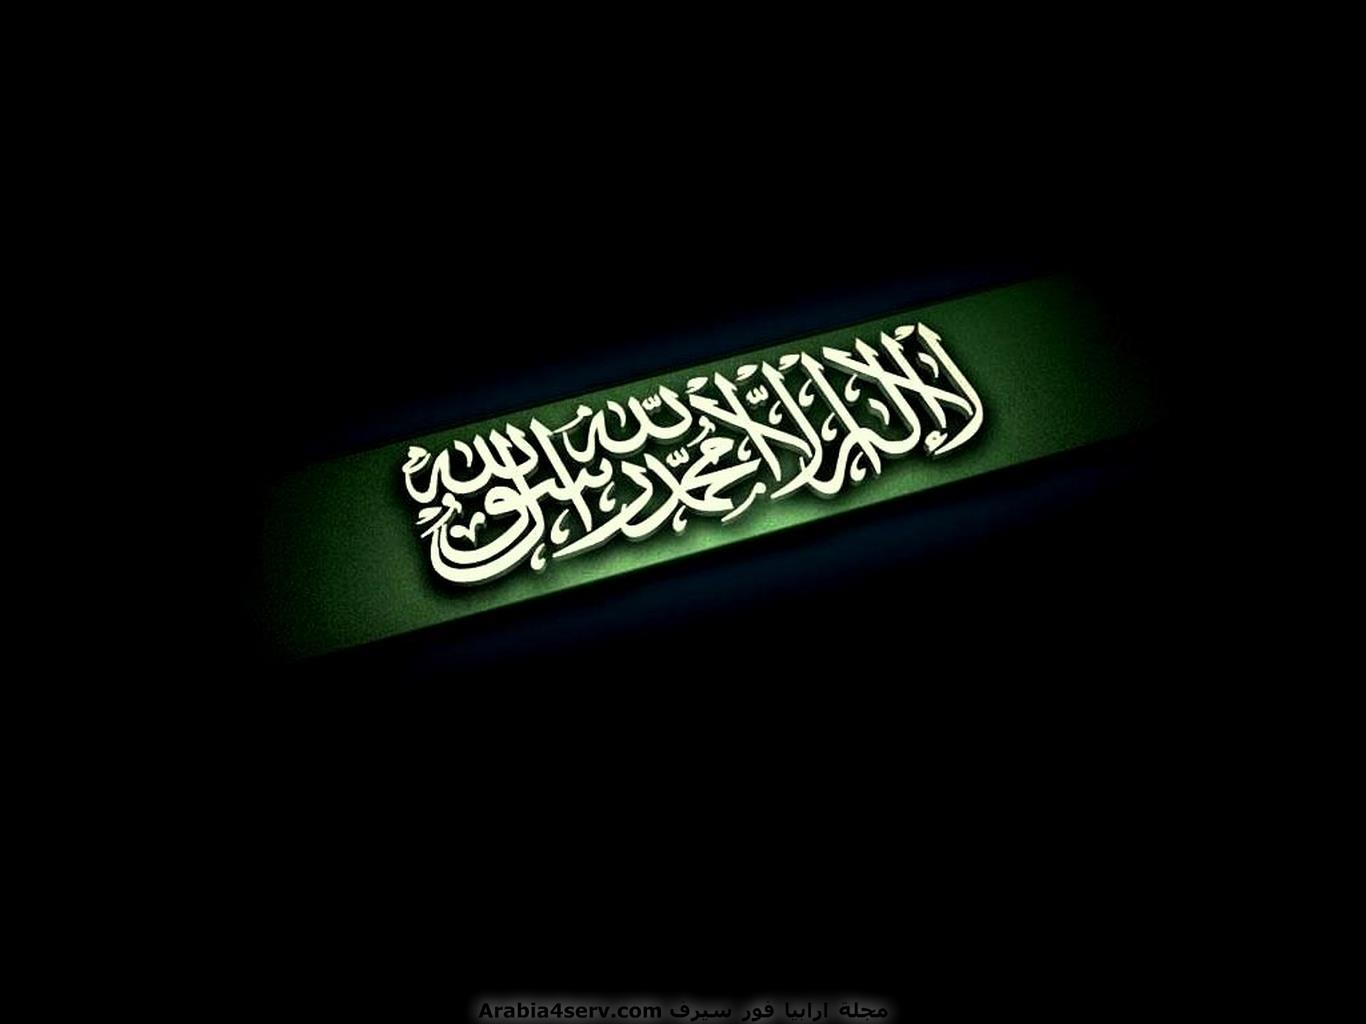 خلفيات-لا-اله-الا-الله-محمد-رسول-الله-5